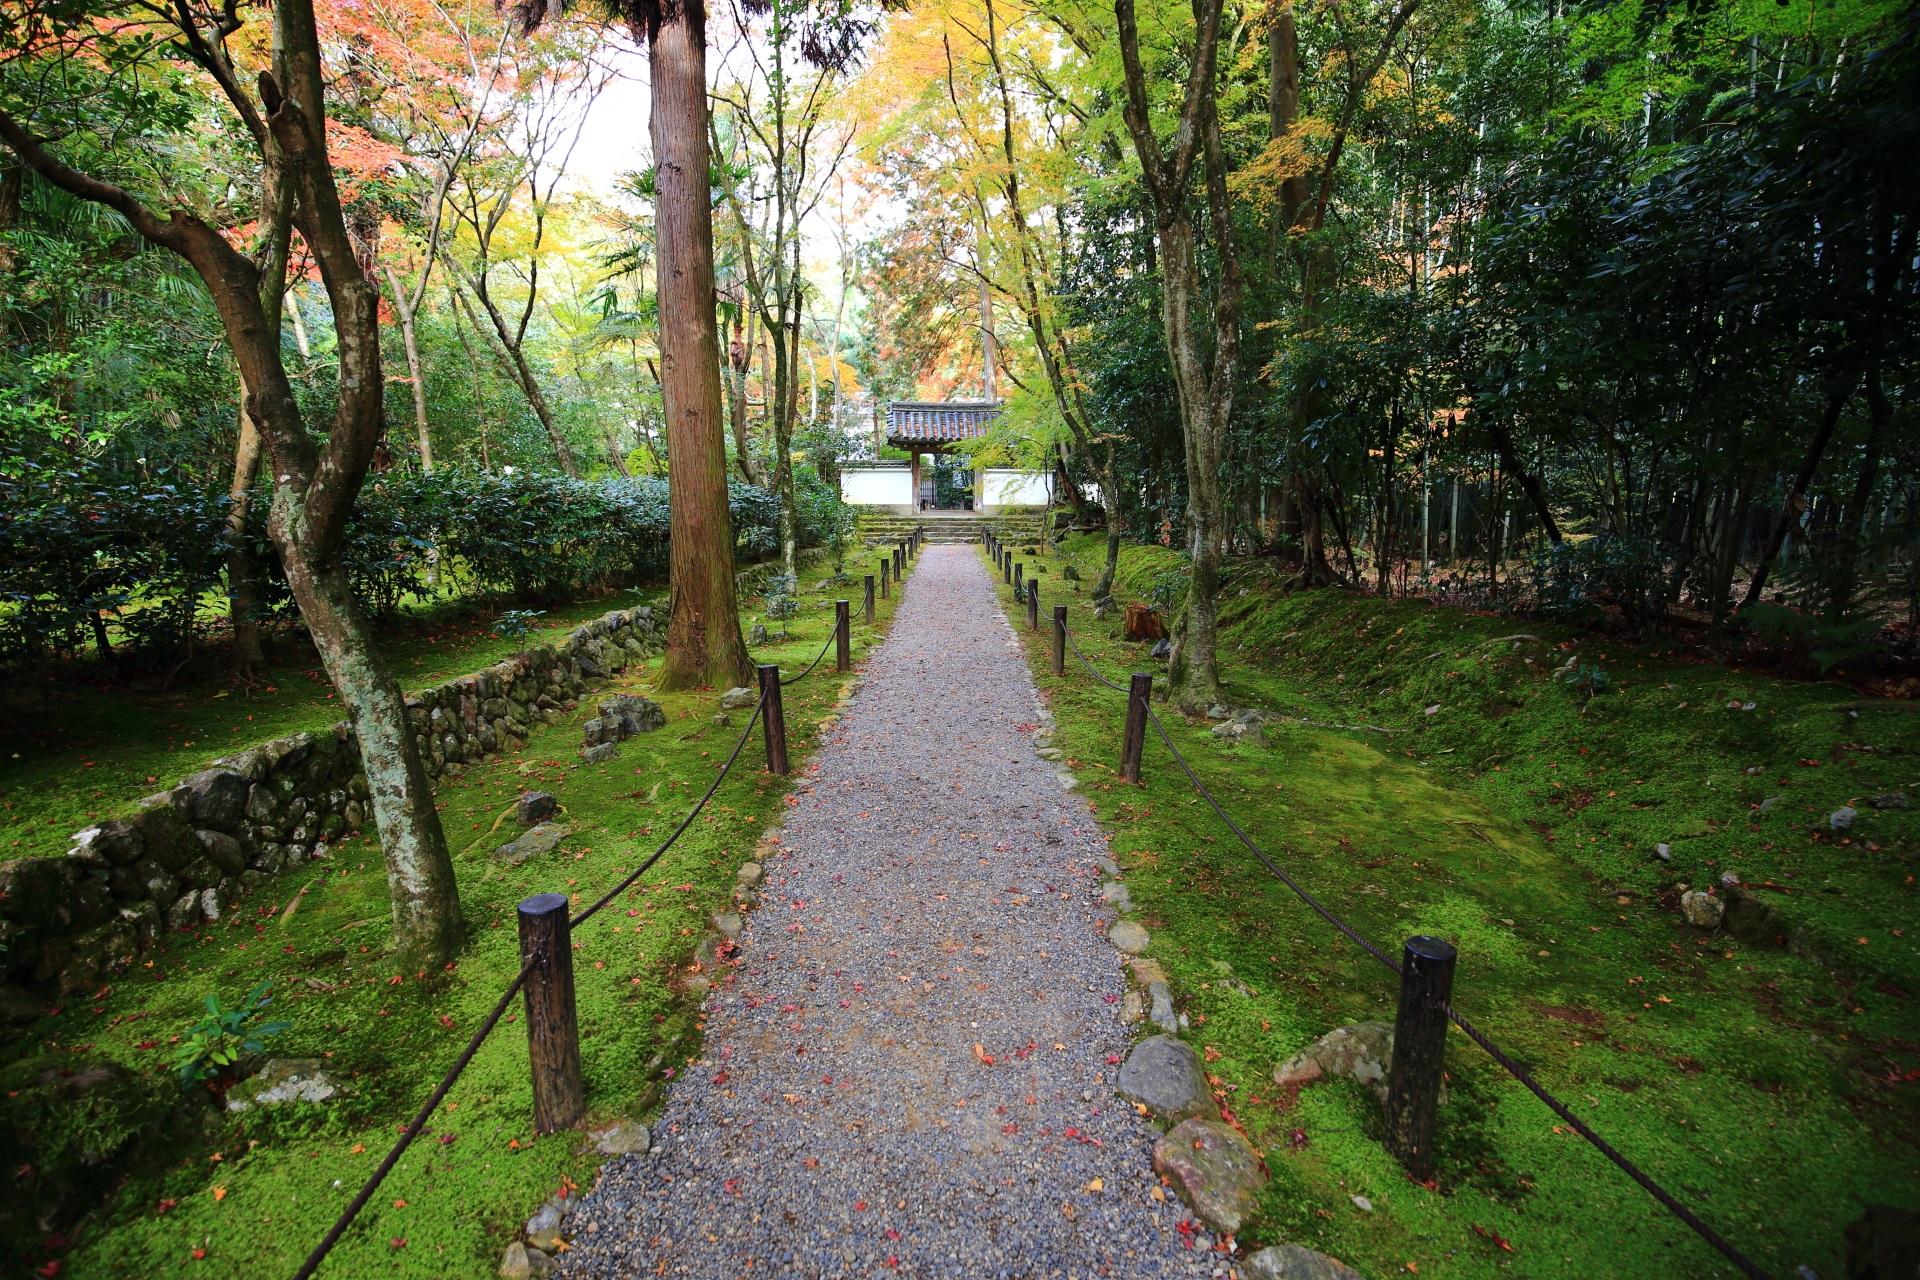 竹の寺地蔵院の風情たっぷりの方丈に続く苔につつまれた参道